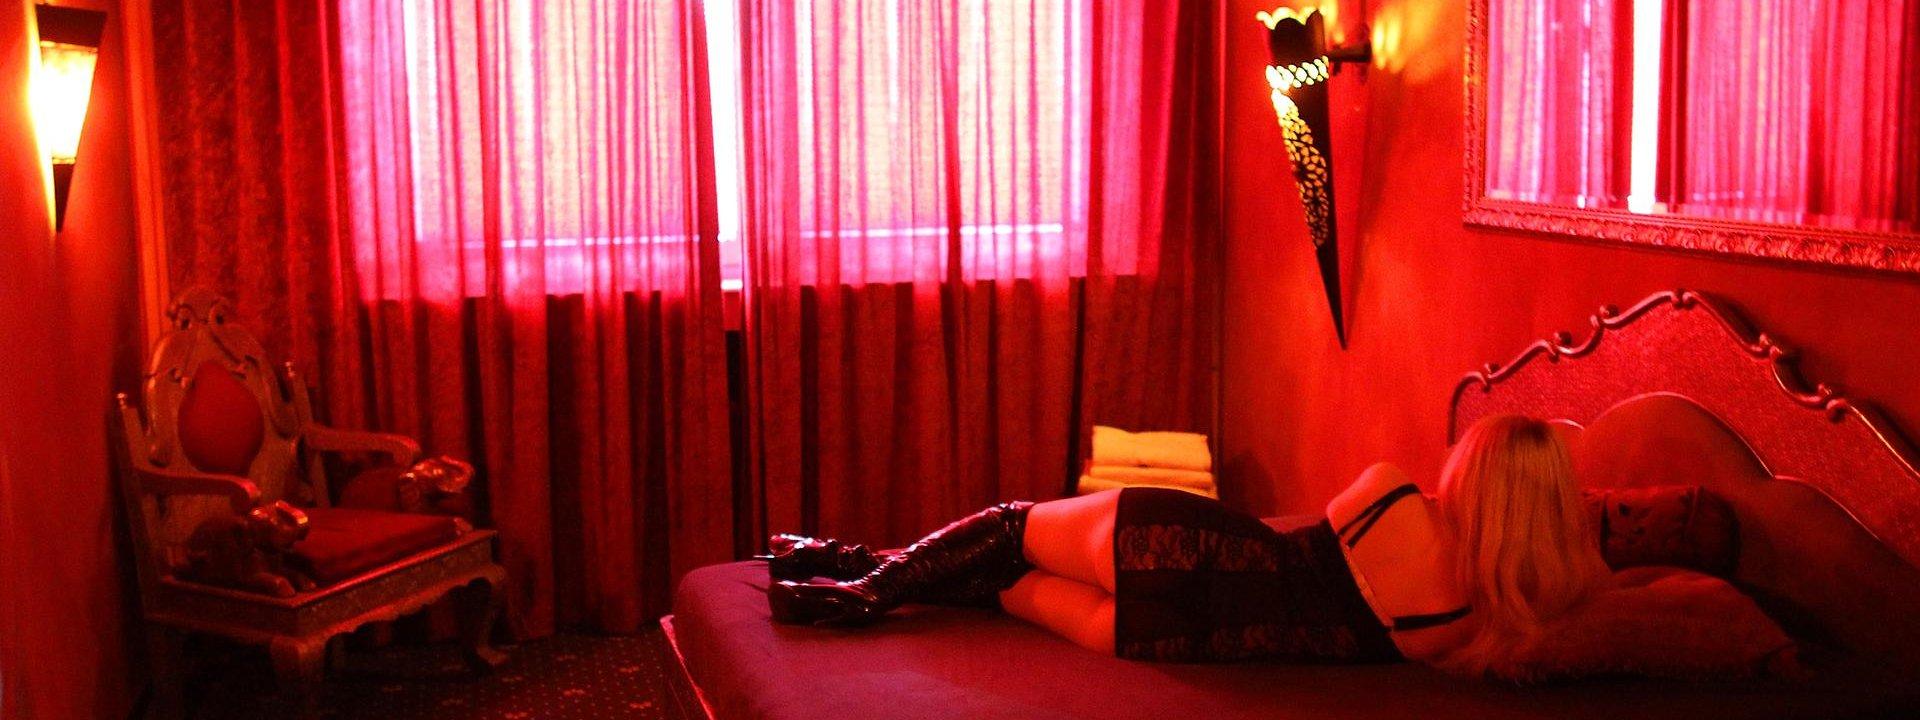 Prostituierte Welthurentag Busenfreundin